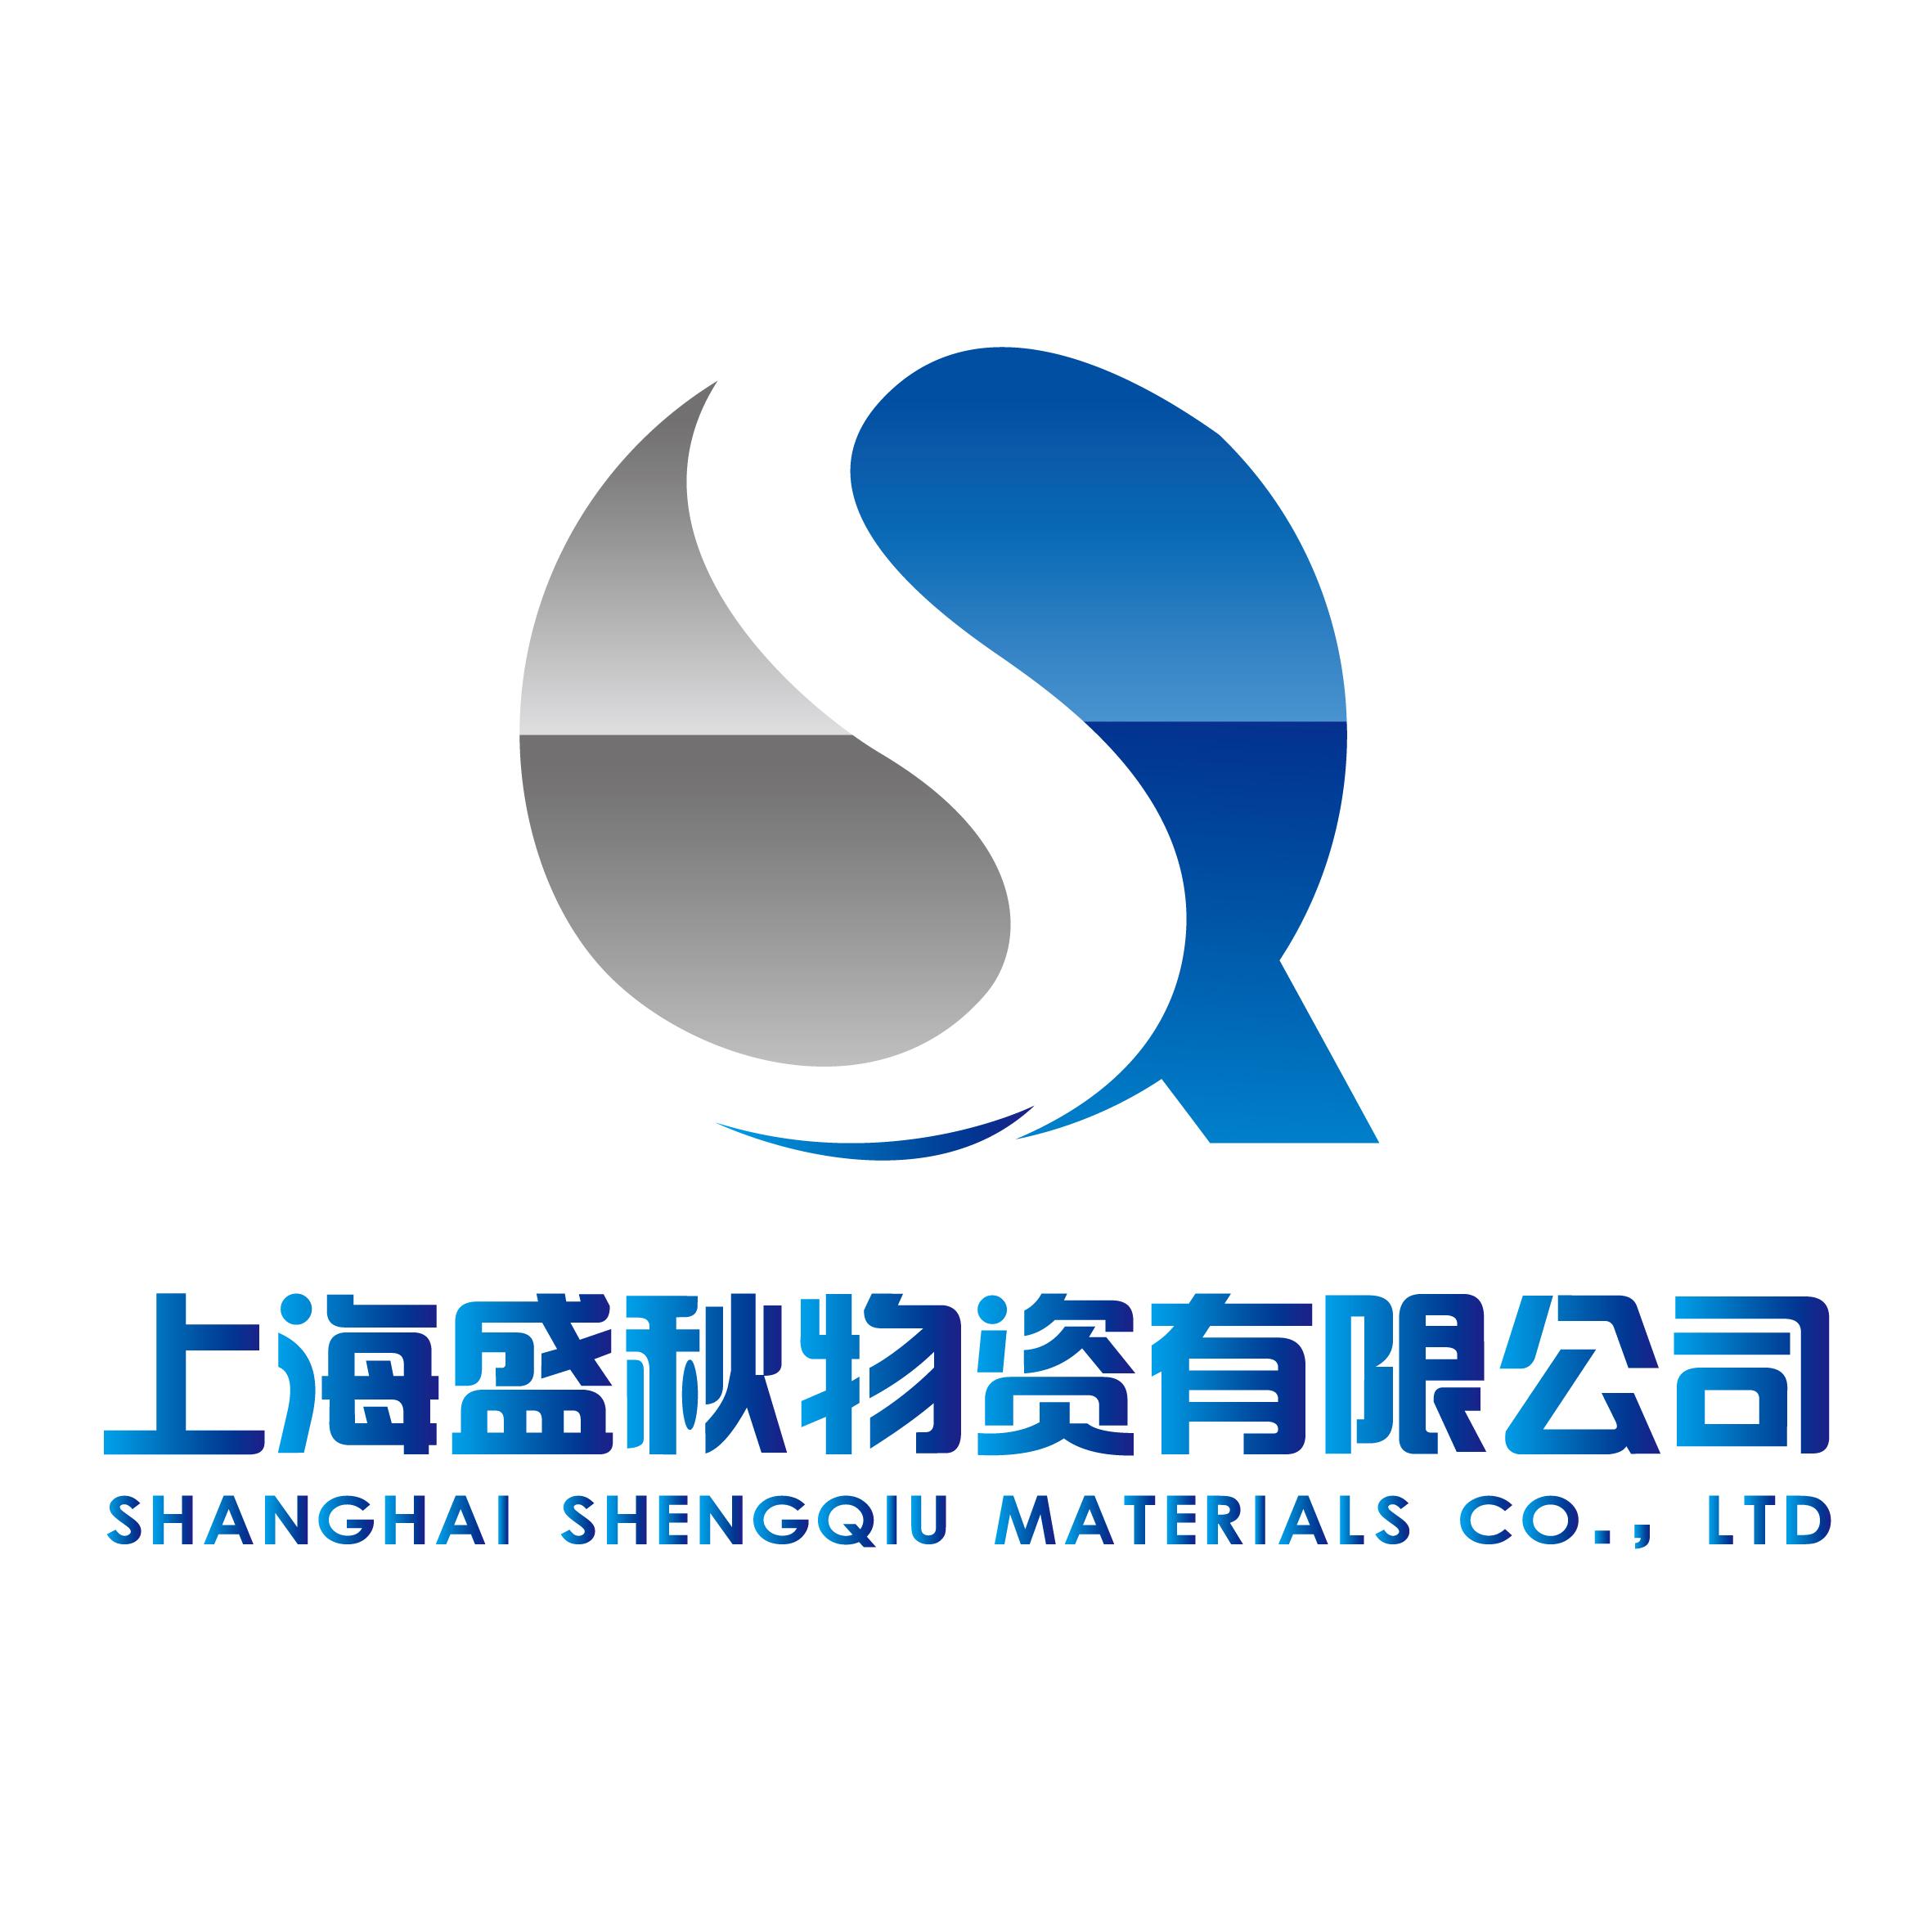 Shanghai ShengQiu Materials Co., Ltd